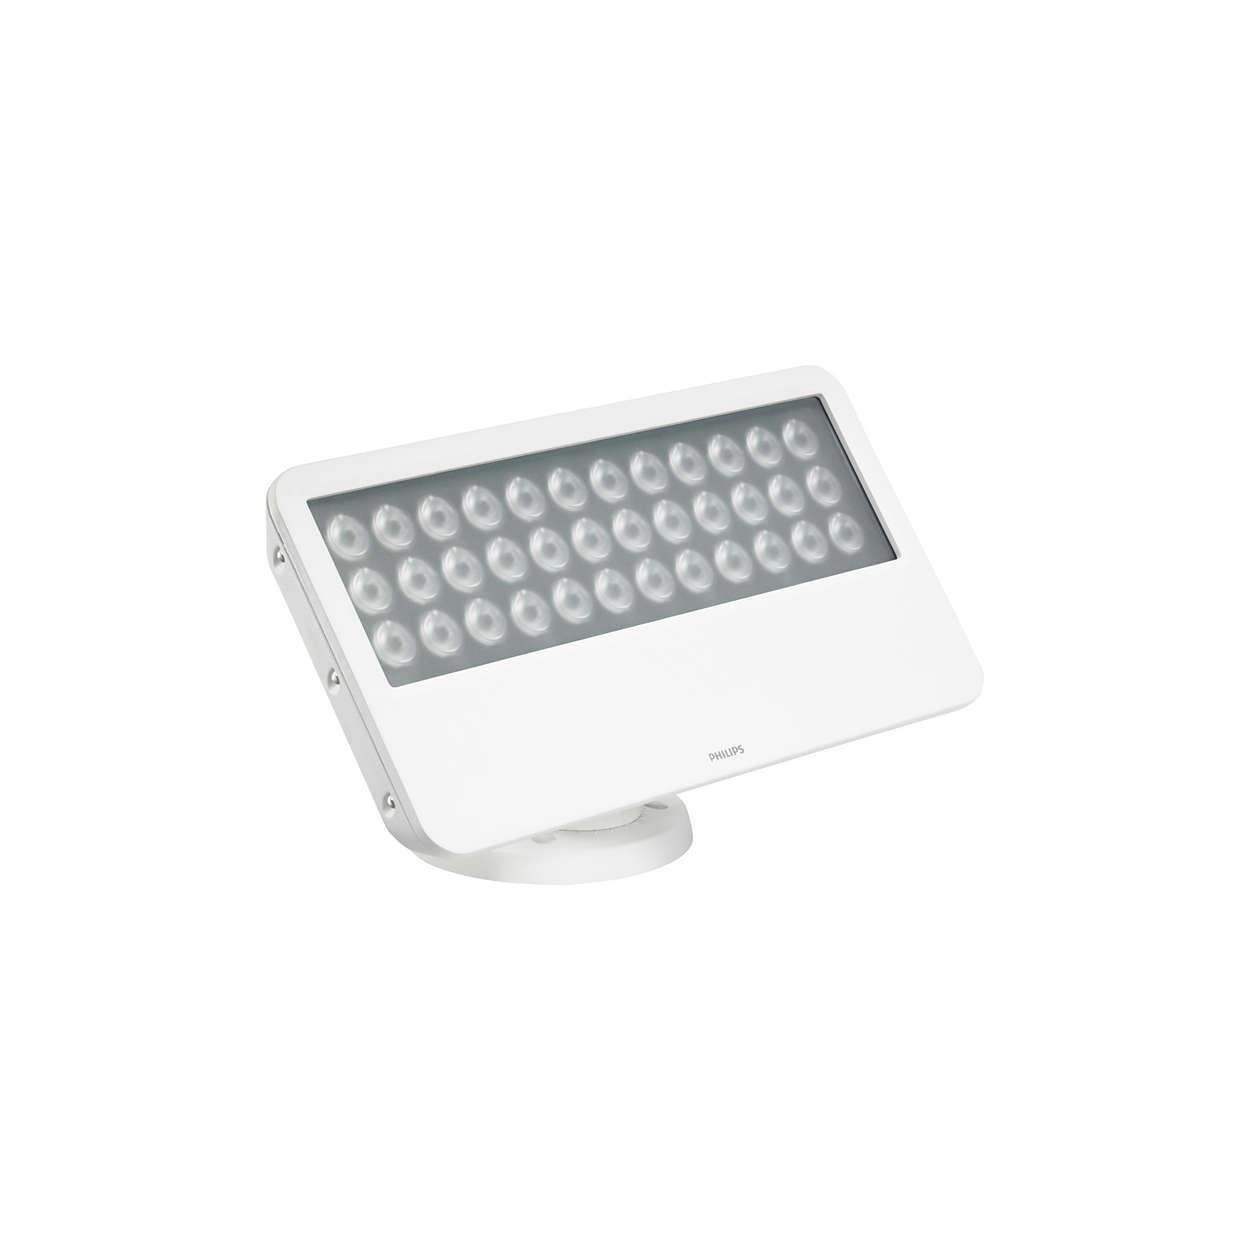 L'apparecchio leader al mondo di illuminazione wall-washing LED per esterni con luce a colori uniformi